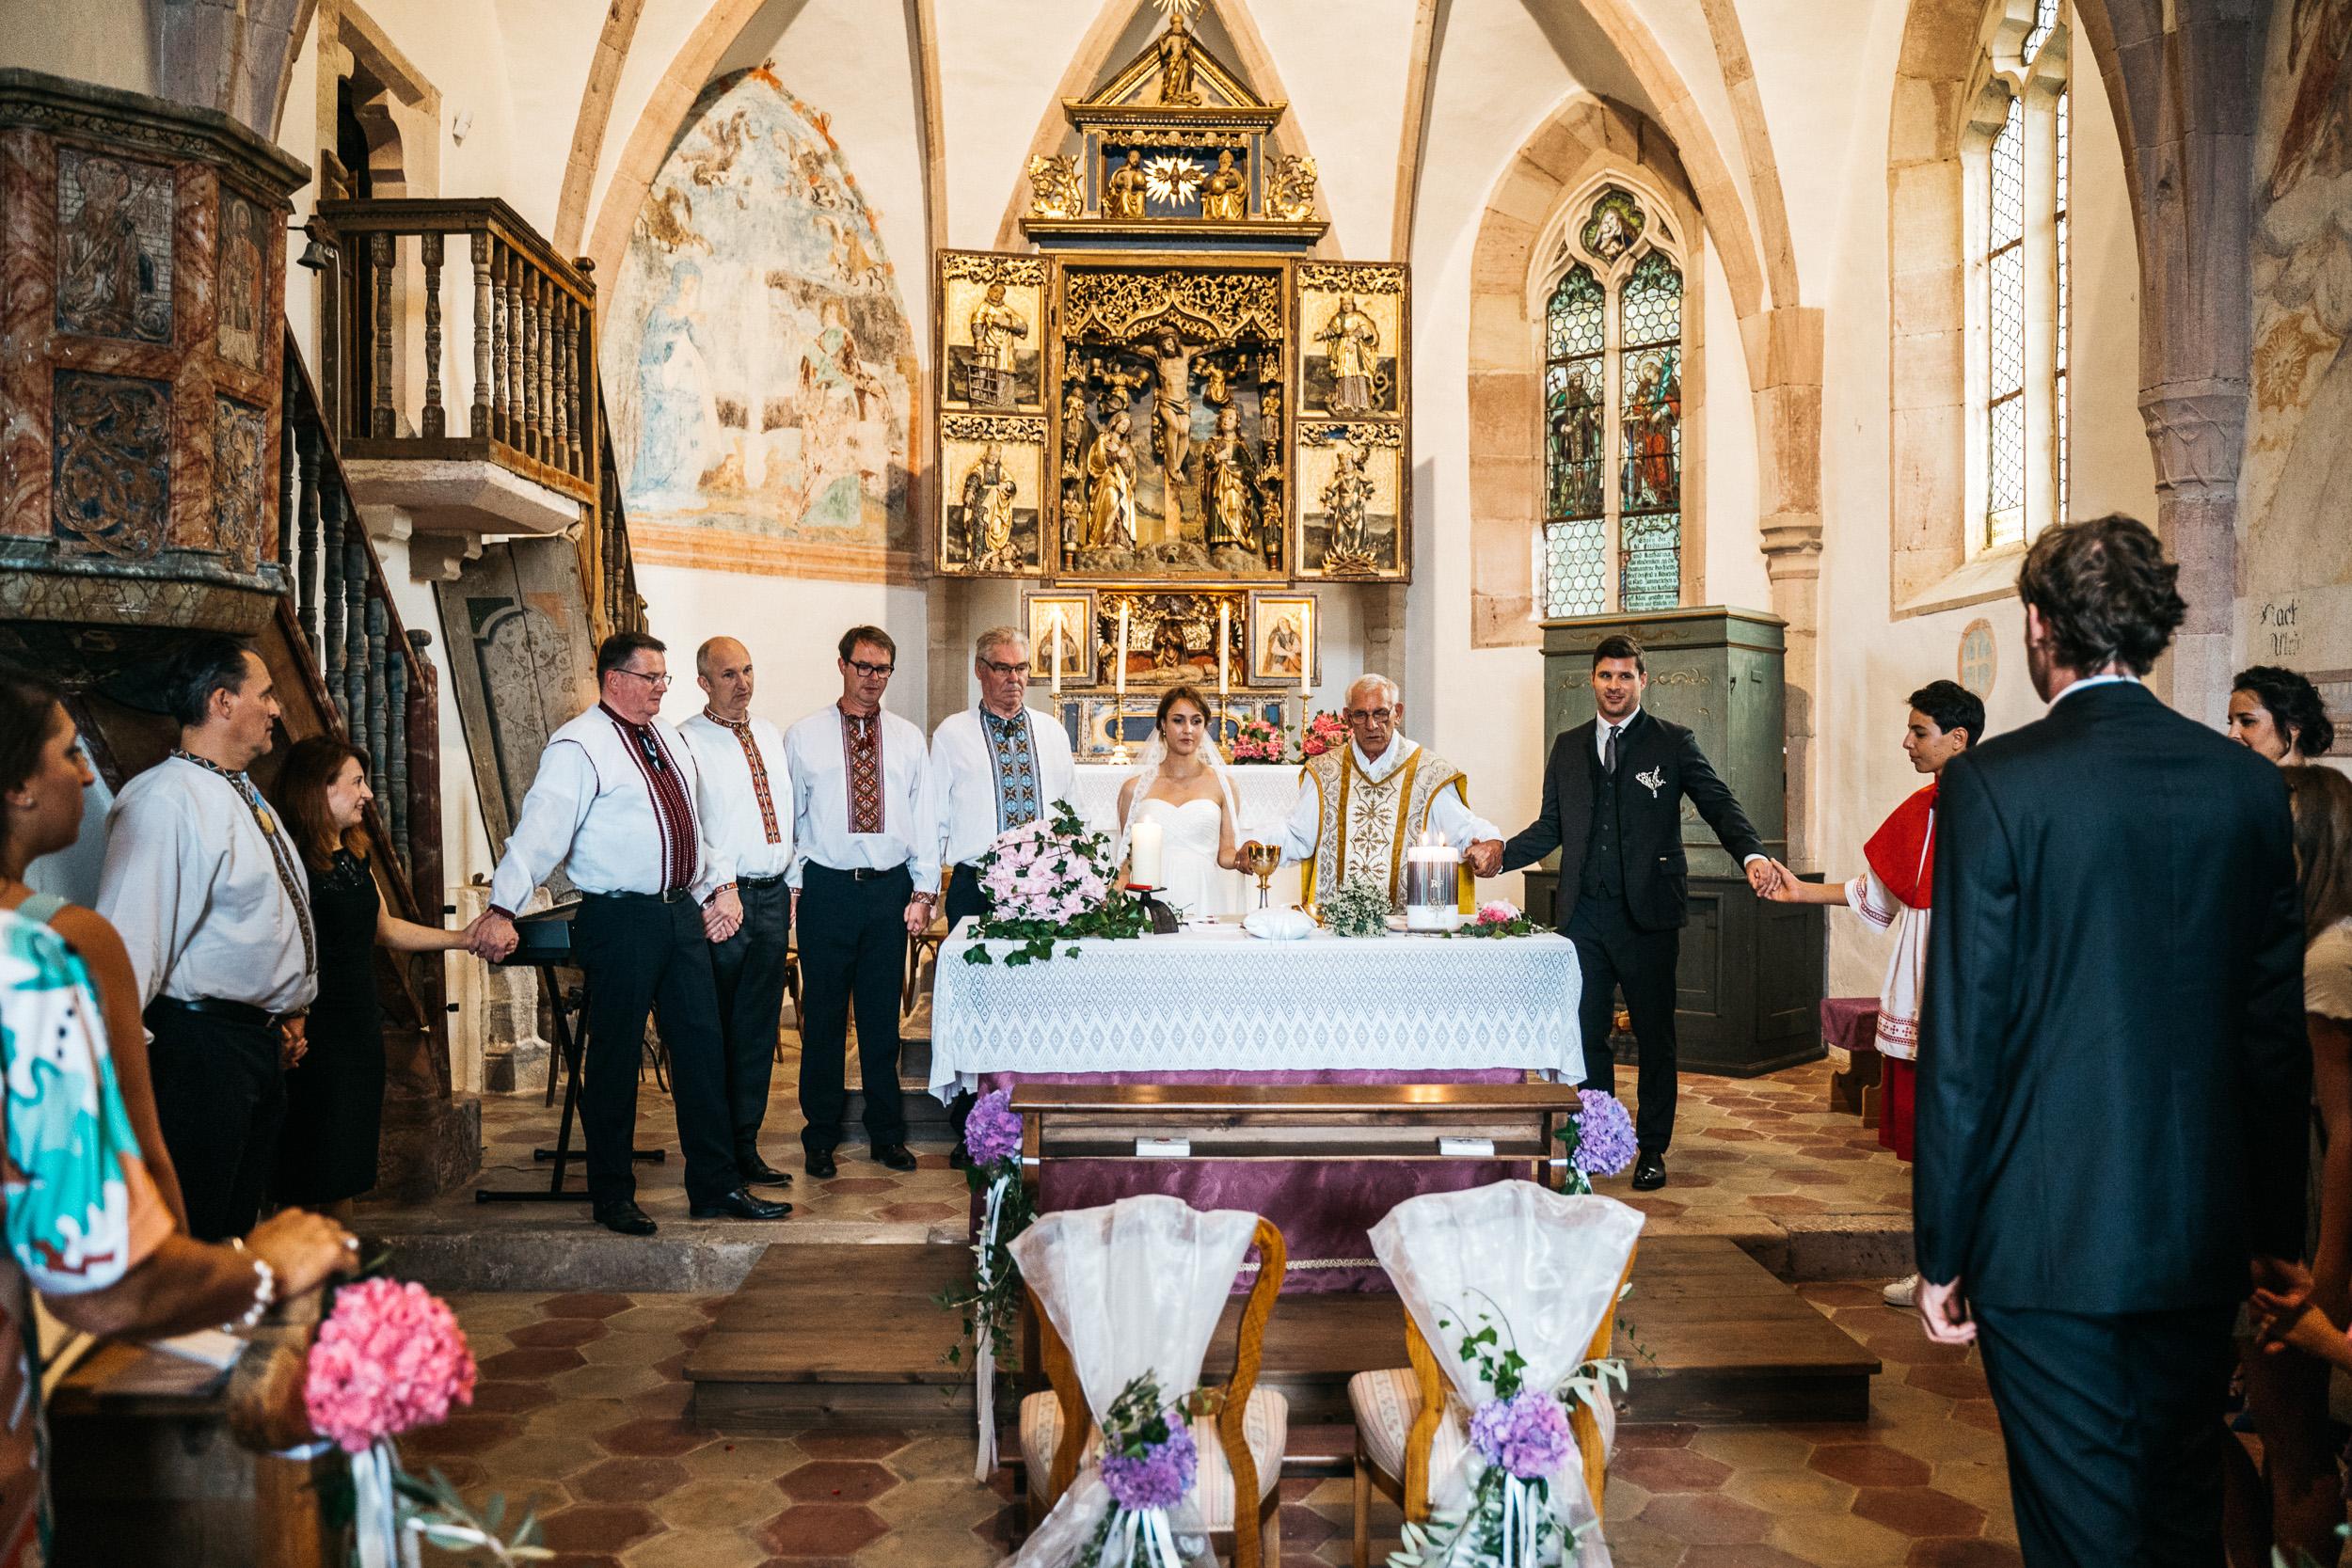 hochzeit südtirol 35 - Südtirol Schloss Prösels